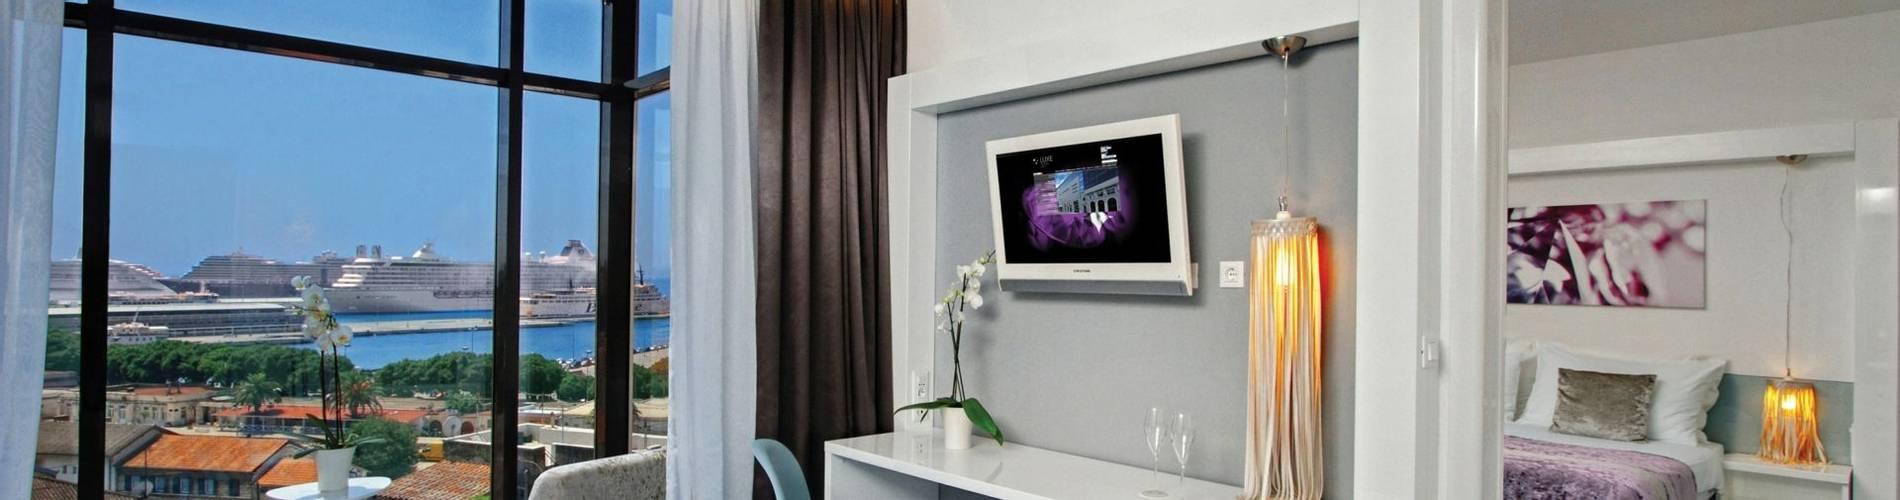 DeLuxe suite 501 I.jpg